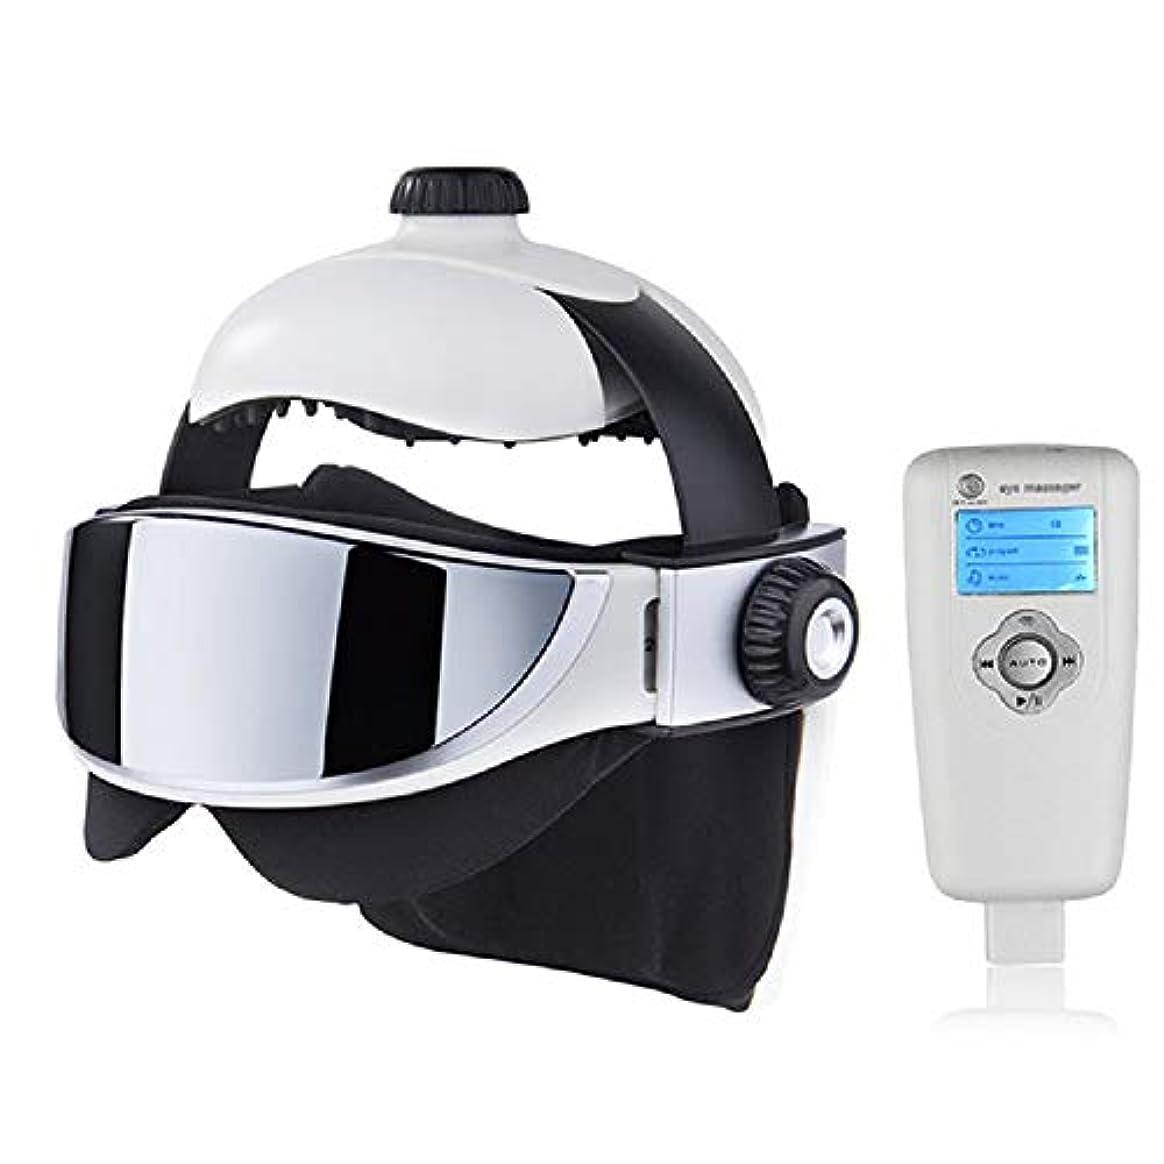 素人省略するスモッグMeet now 高度な圧子2イン1ヘッドマッサージ、アイマッサージ、高度な音楽マッサージヘルメットデザイン 品質保証